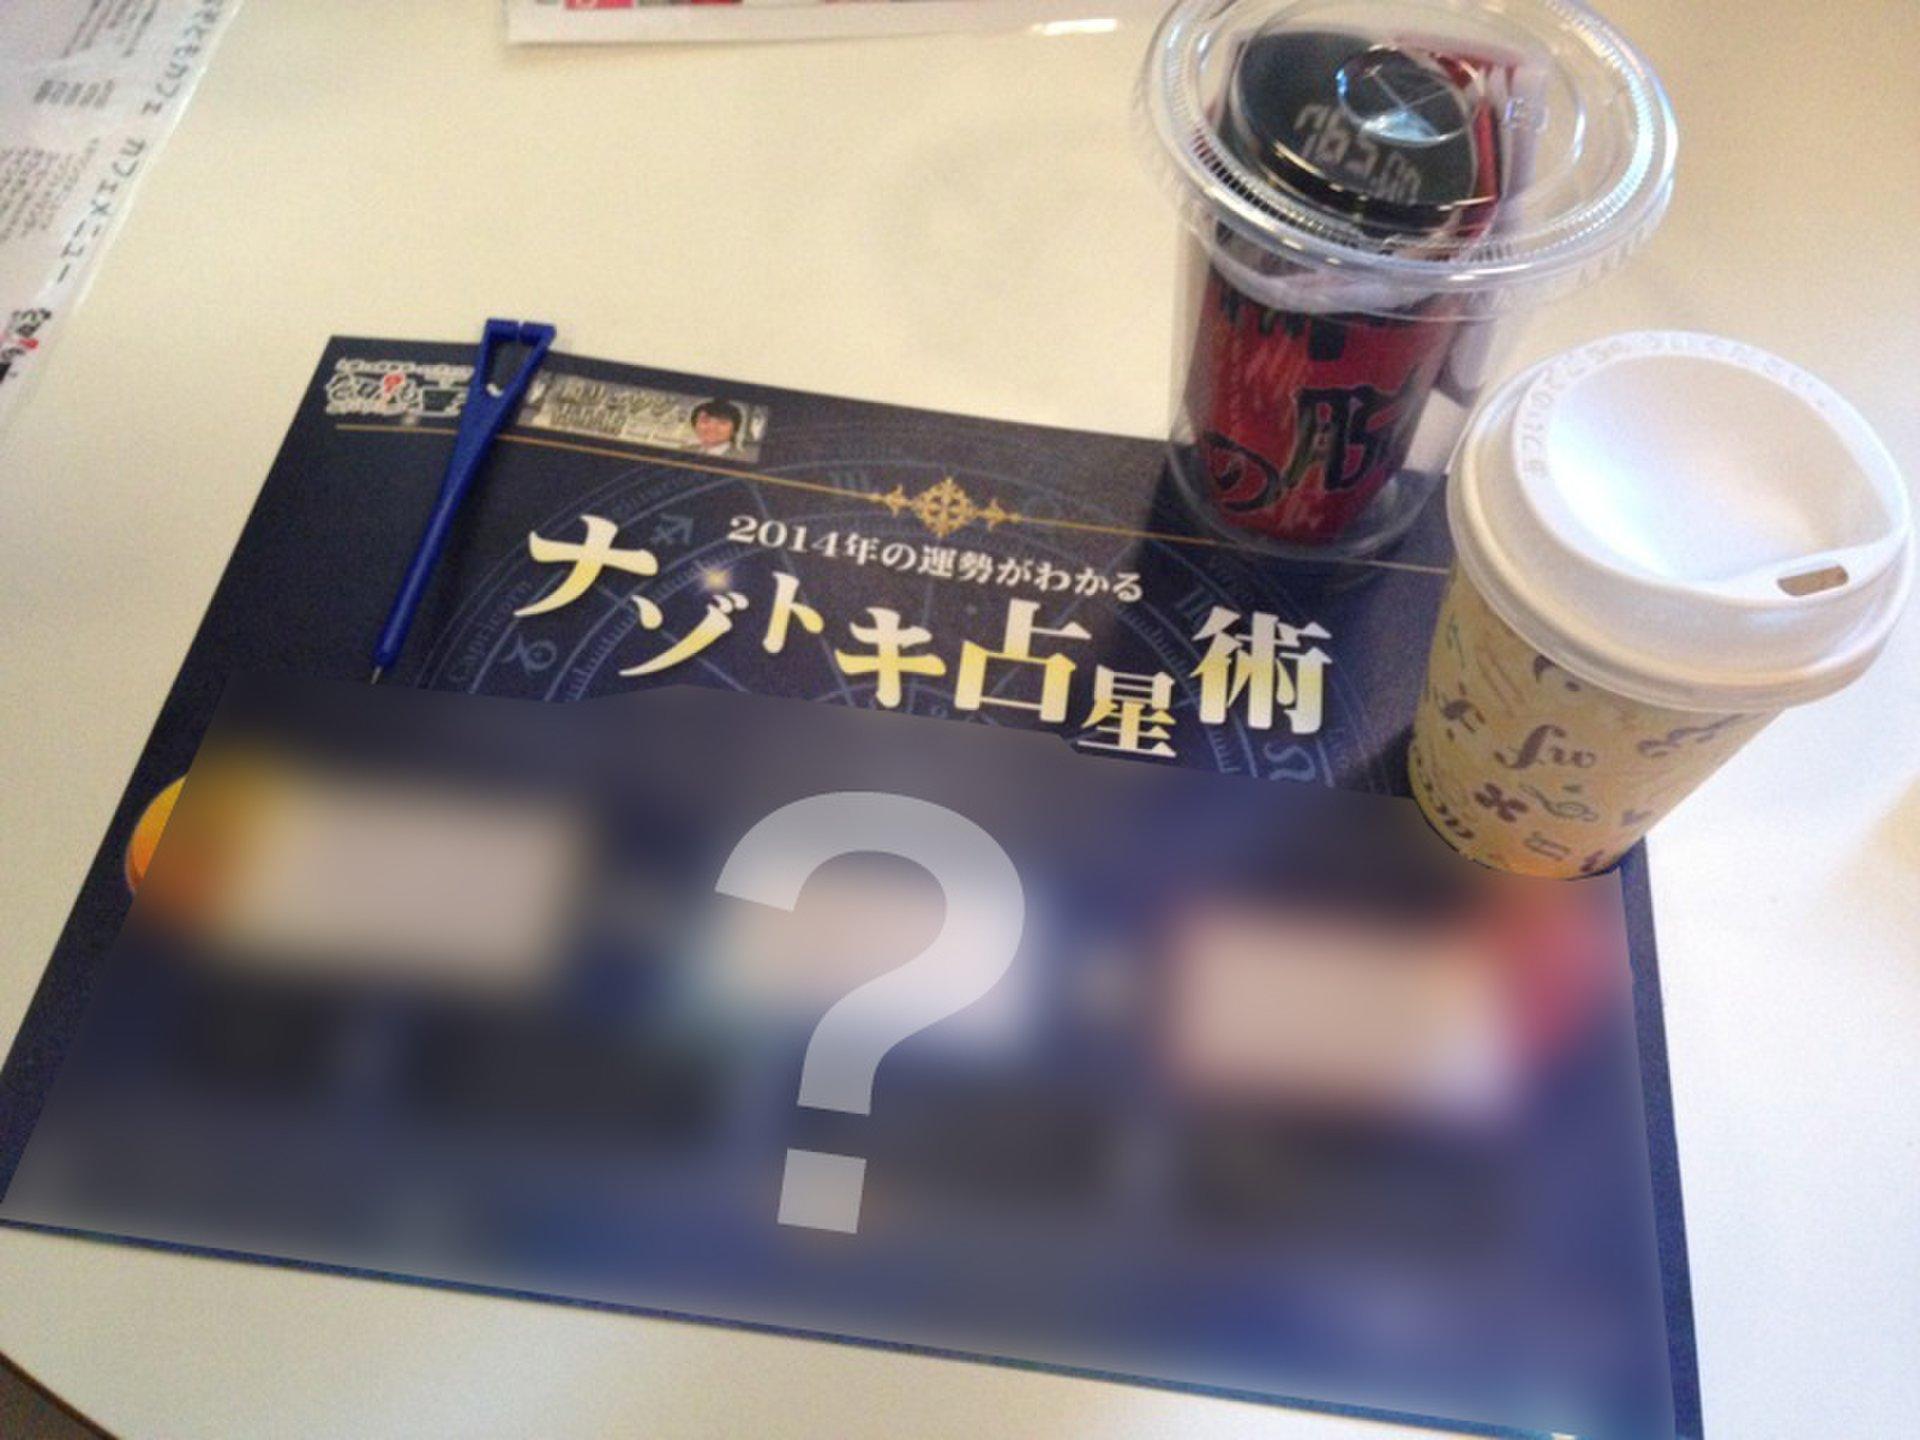 【代官山・なぞともカフェが期間限定オープン】なぞとき体験ポータルスタジオ!